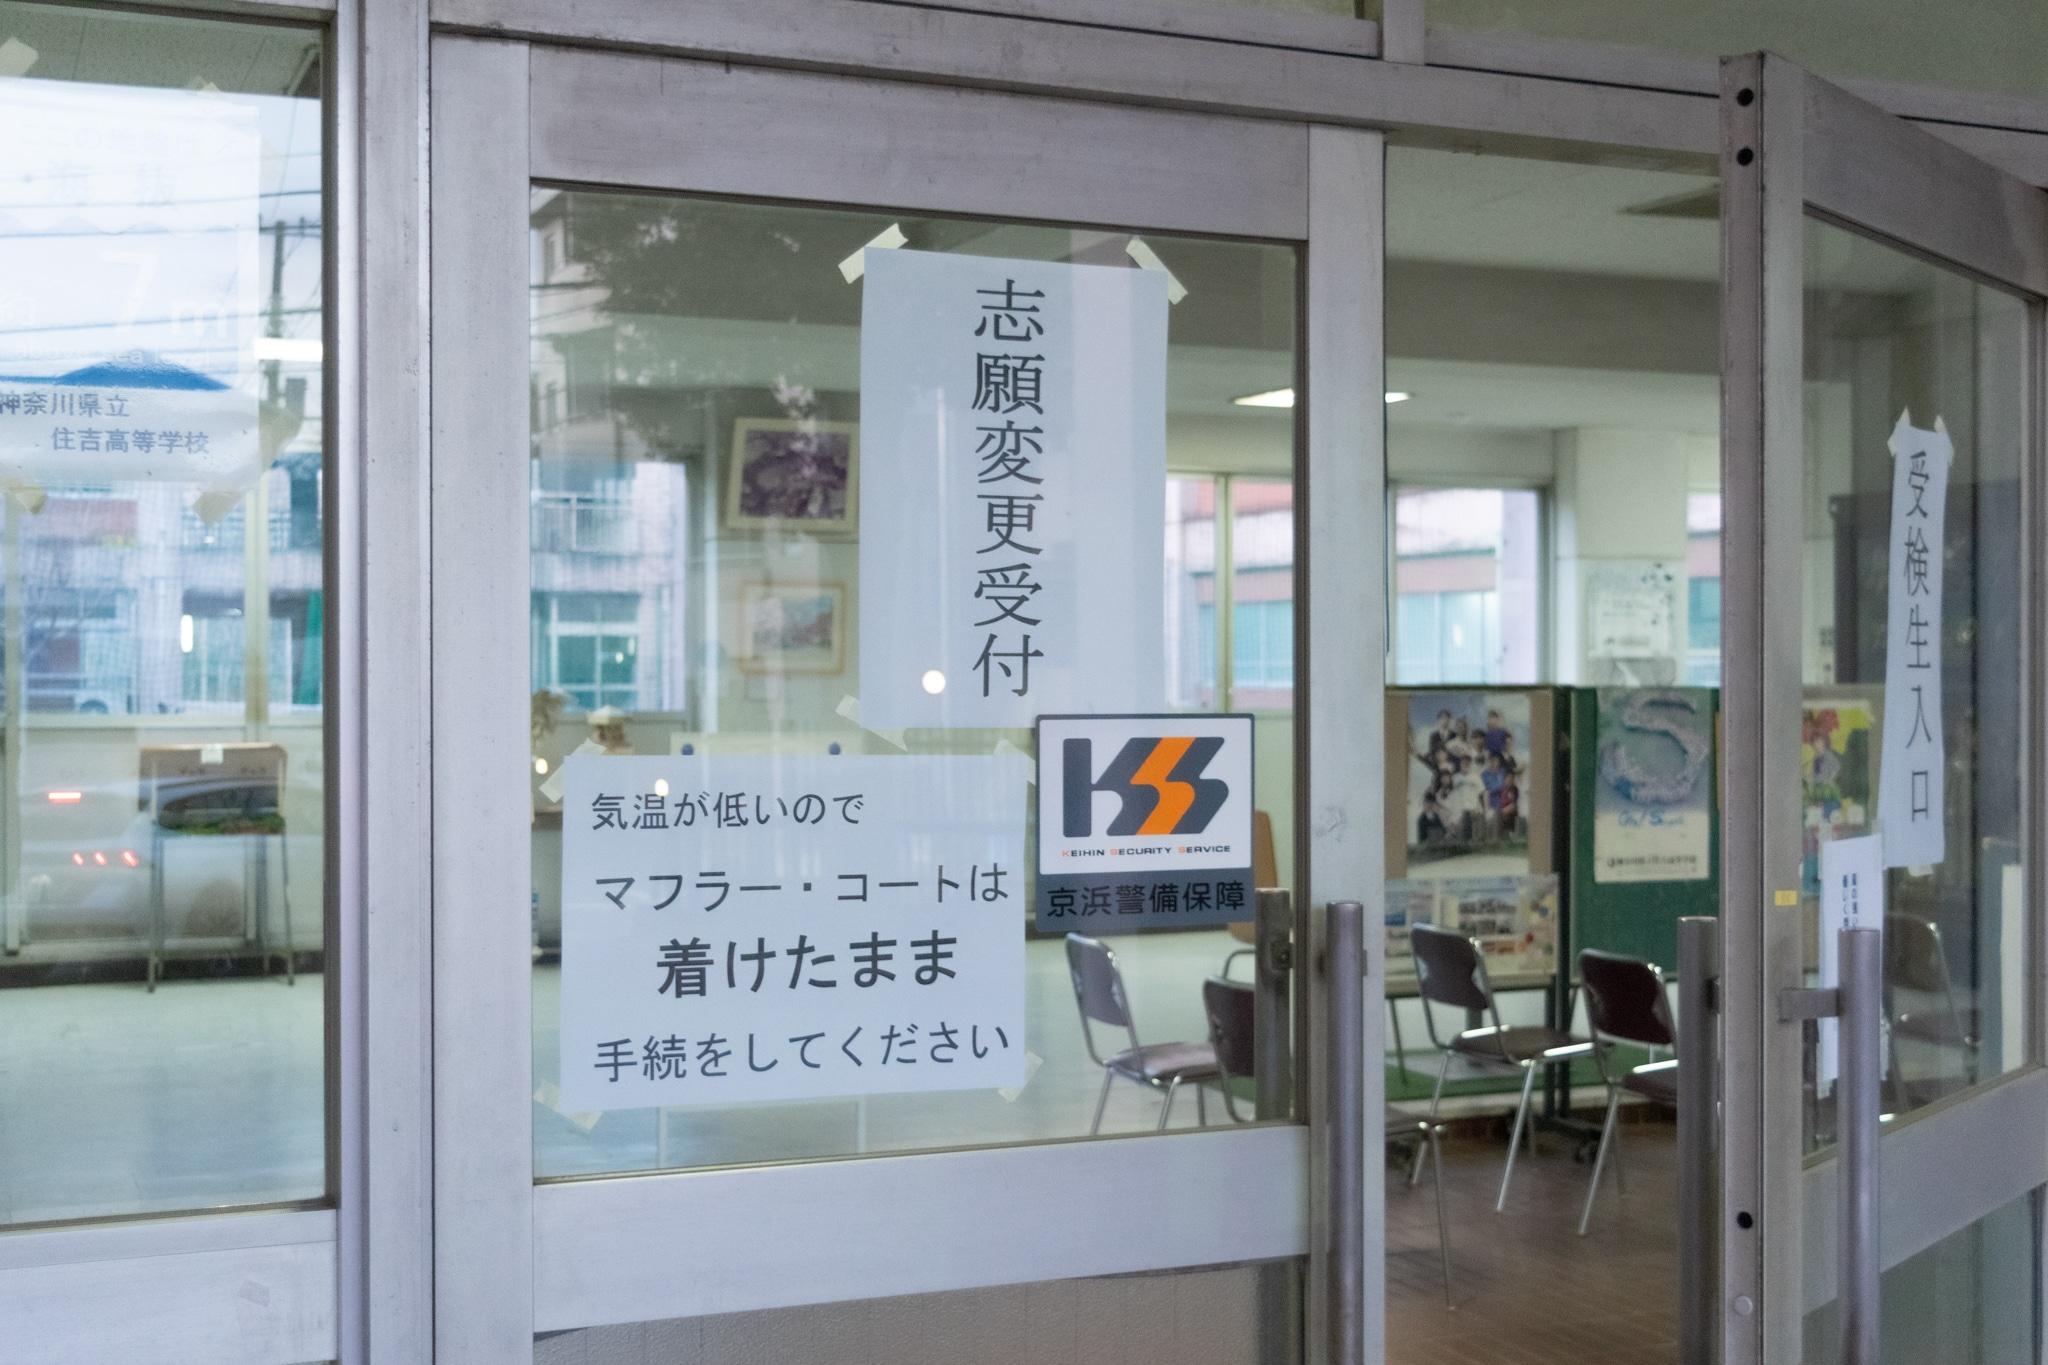 高校 2021 入試 倍率 神奈川 県立